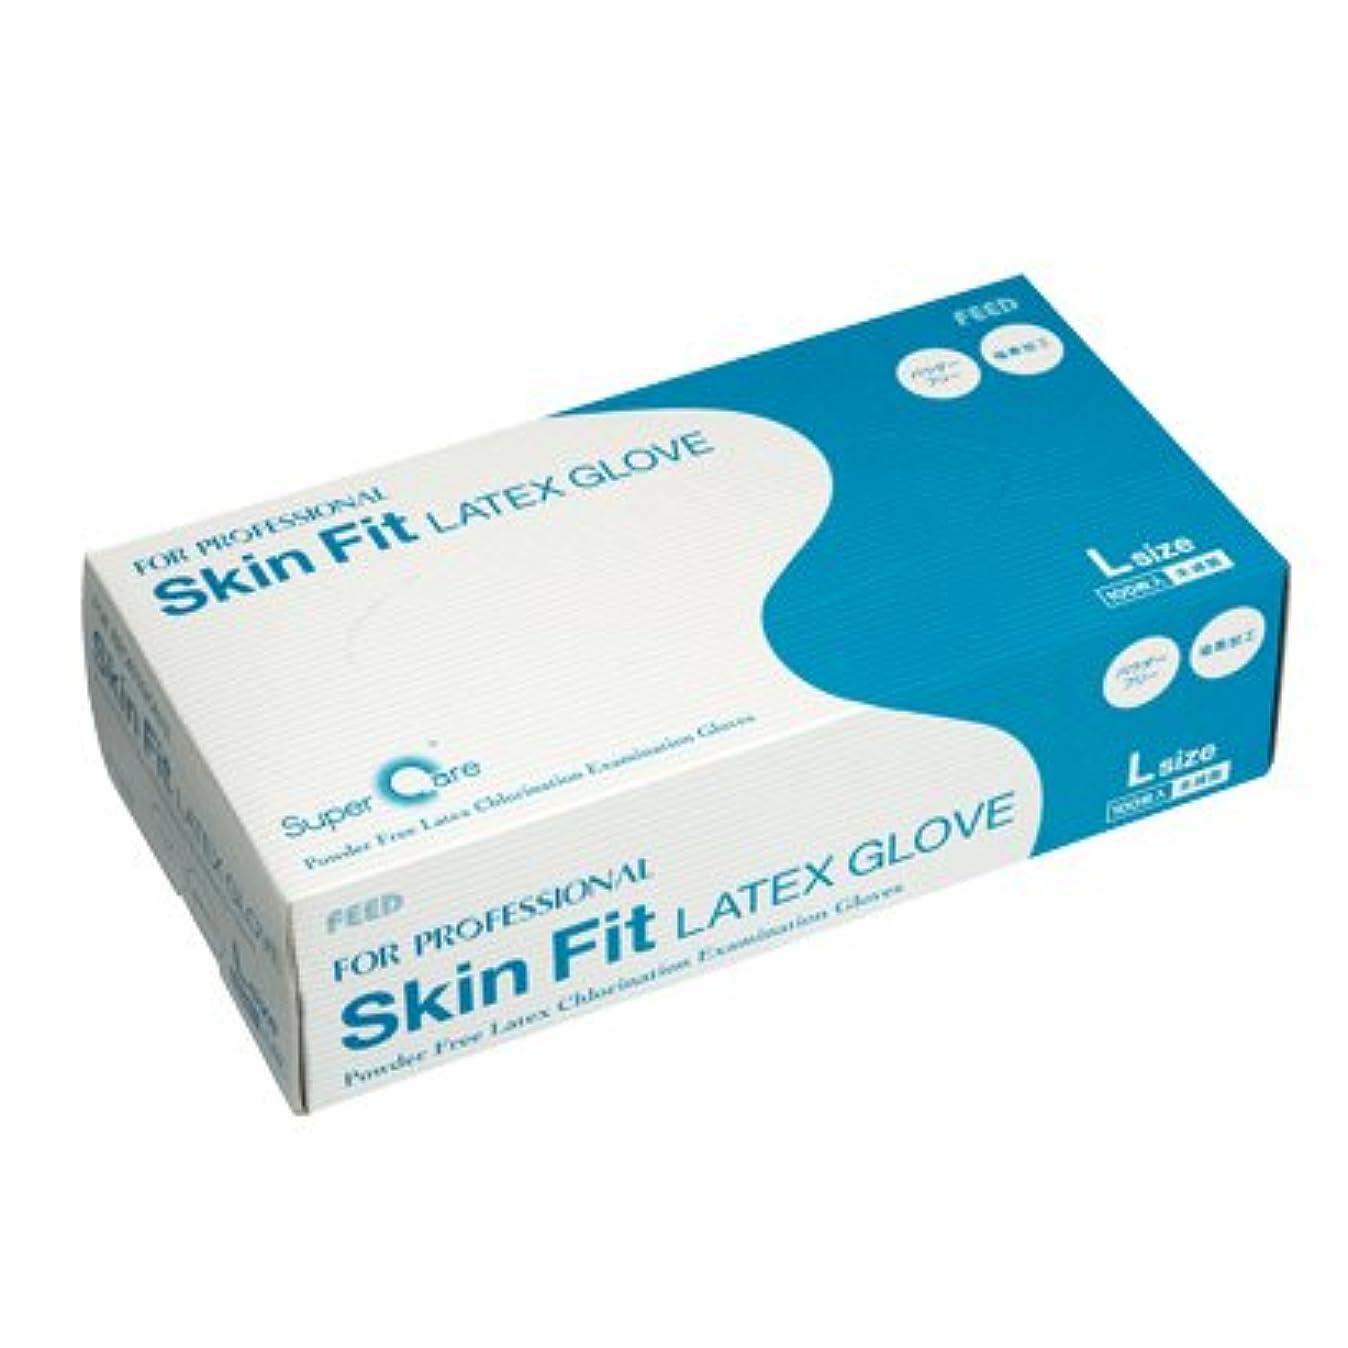 名詞許容位置づけるFEED(フィード) Skin Fit ラテックスグローブ パウダーフリー 塩素加工 L カートン(10ケース) (医療機器)